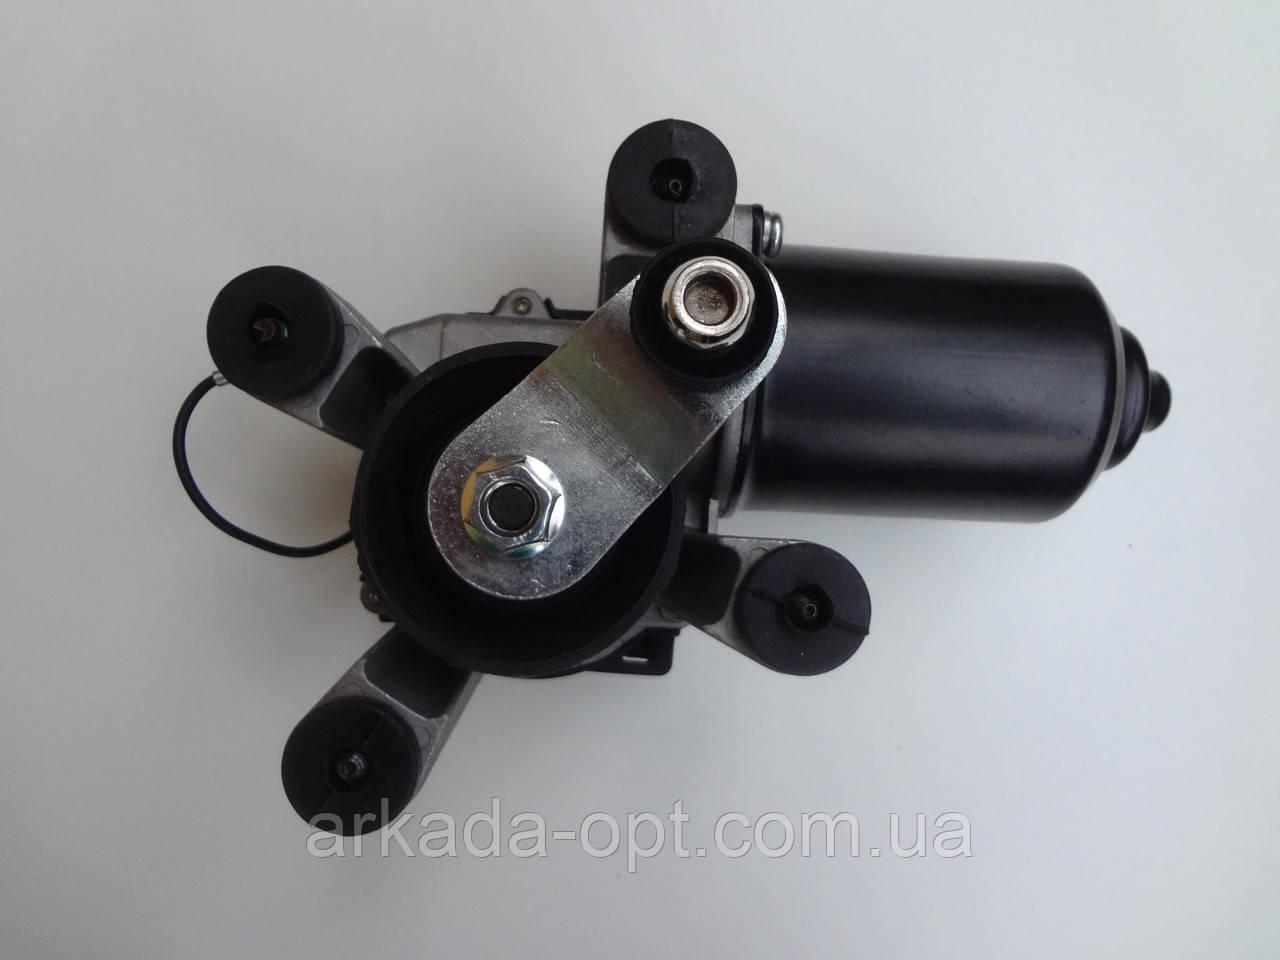 Мотор стеклоочистителя Ланос Lanos Sens